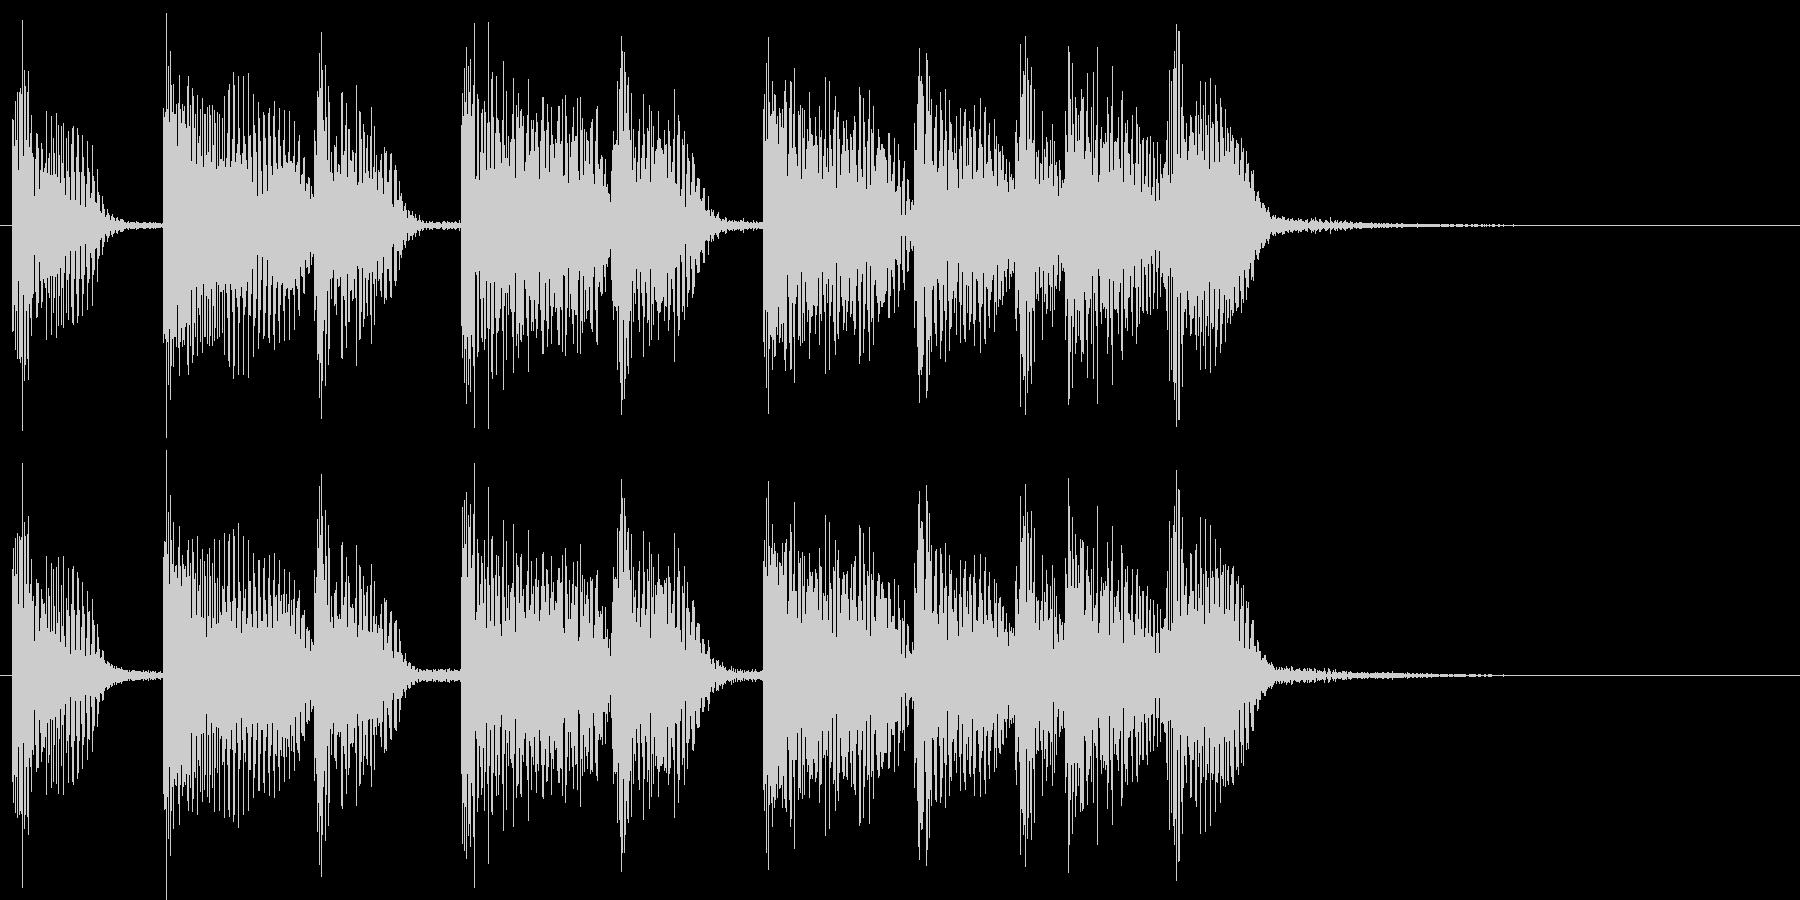 2小節ジングル08 シャッフルの未再生の波形